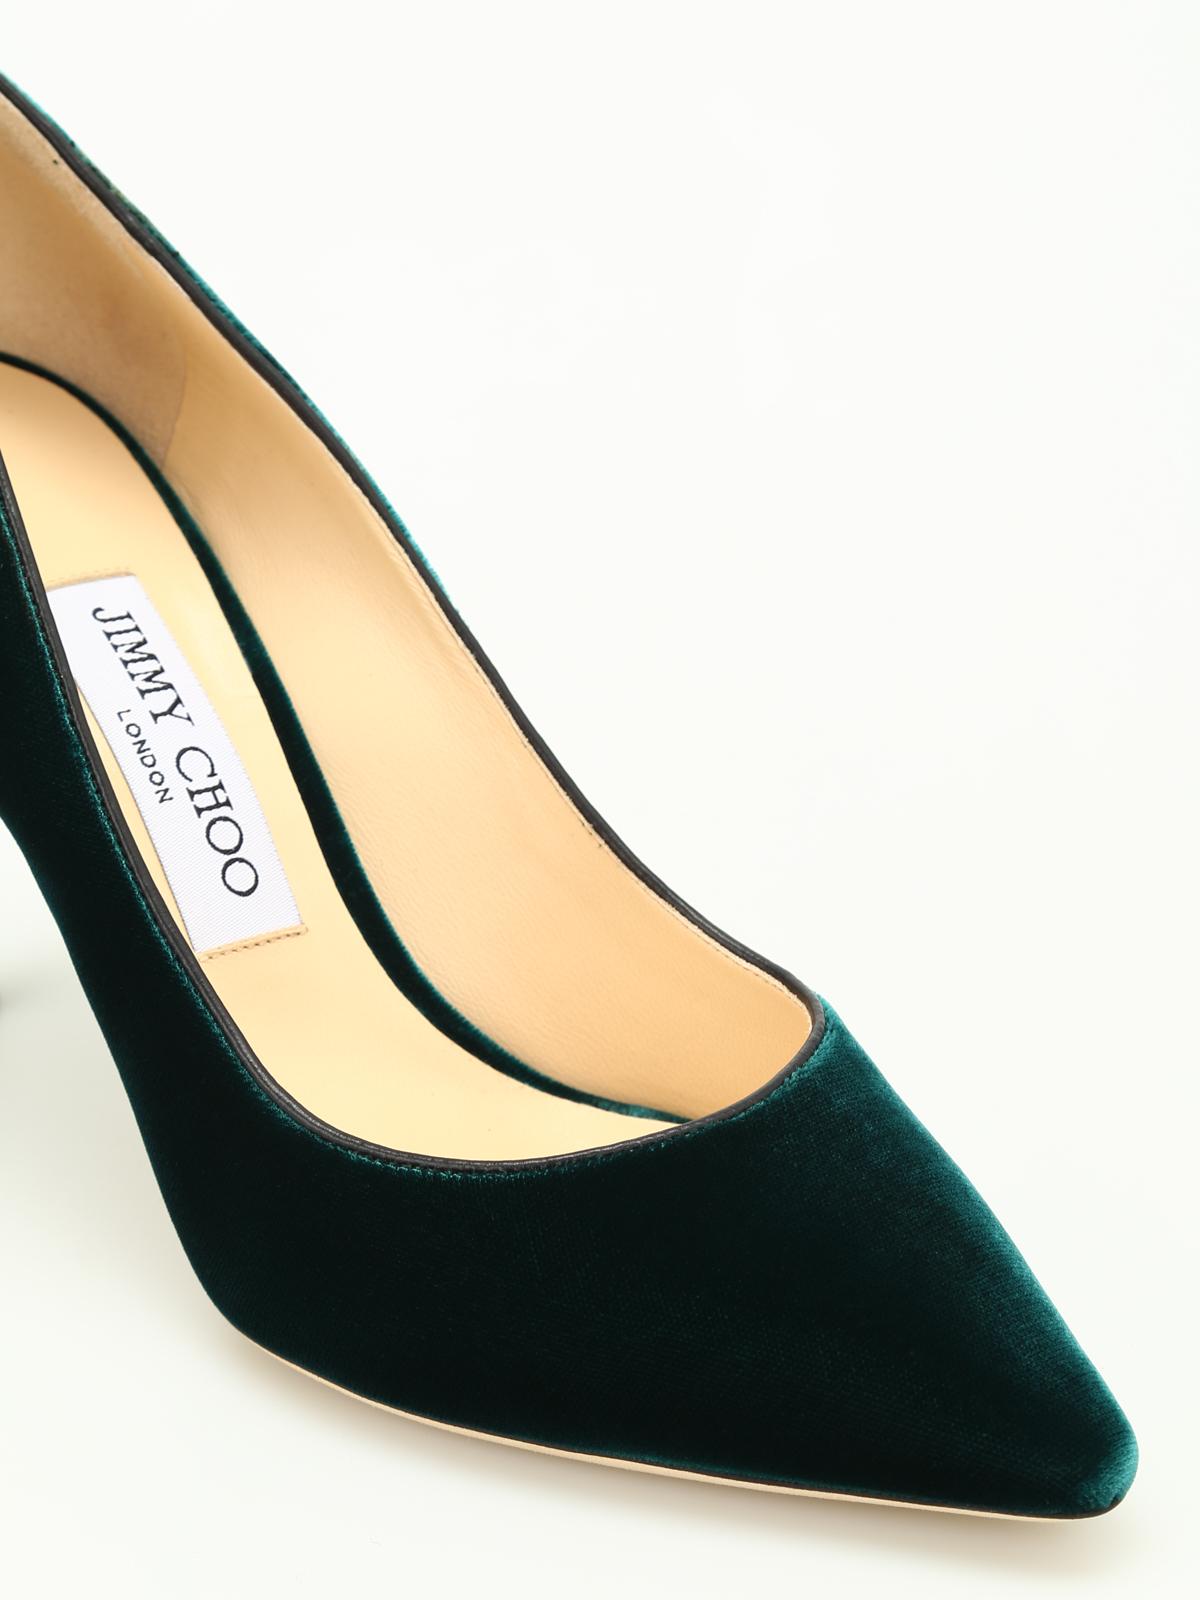 027b4455ca93 Jimmy Choo - Romy 85 velvet pumps - court shoes - ROMY 85 VEL BOTTLE ...